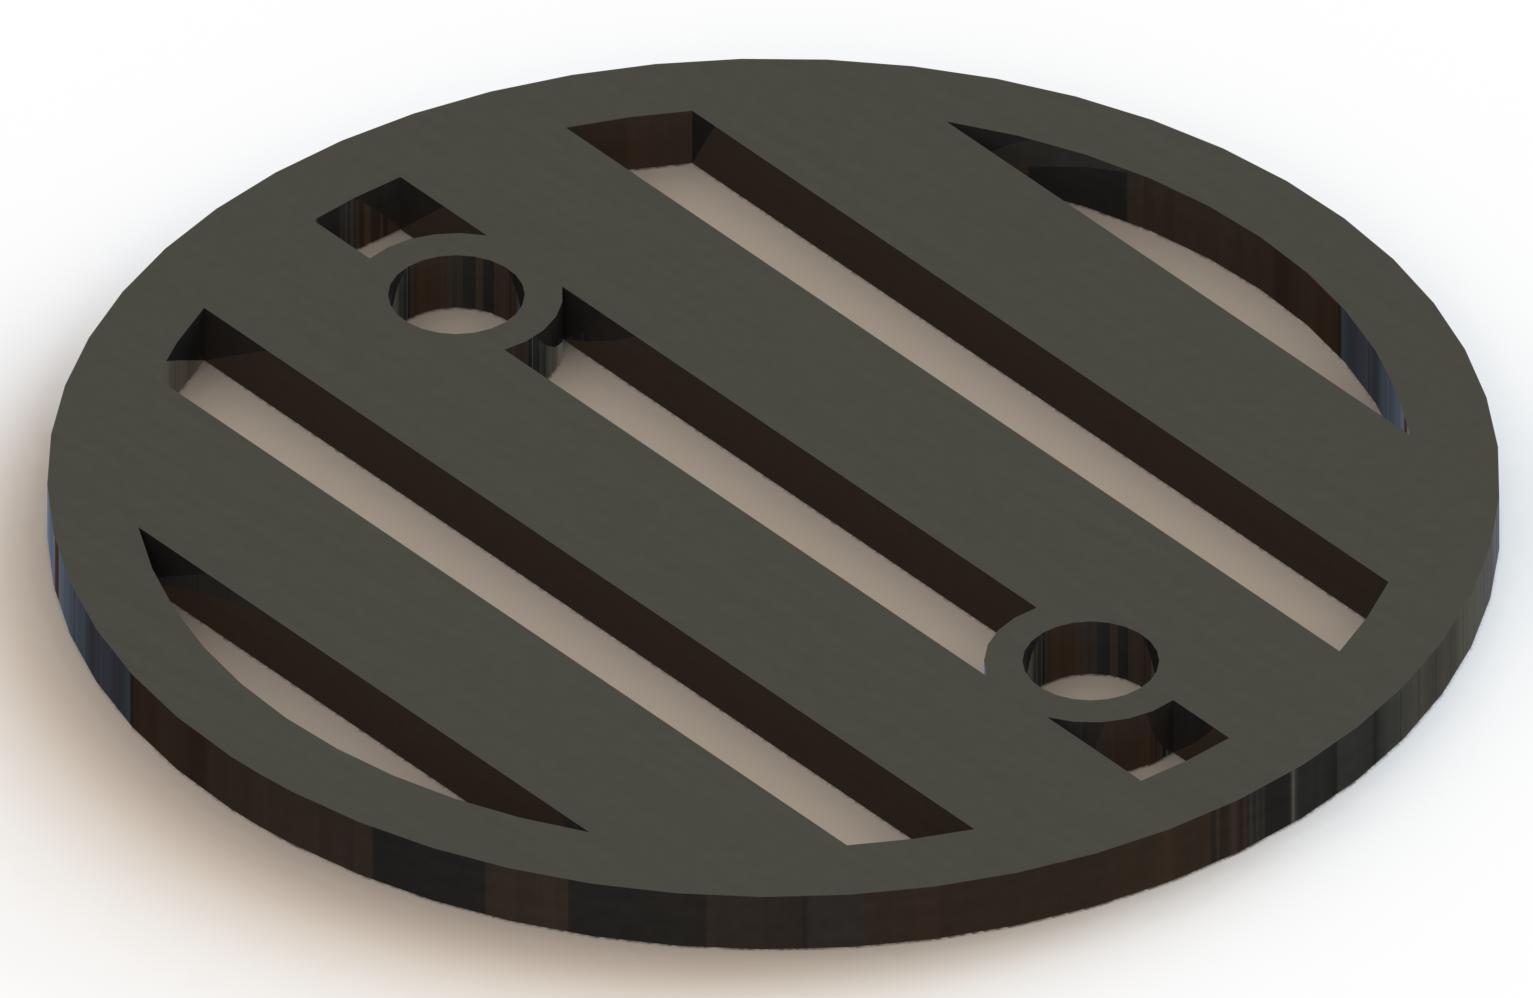 4.25in Custom Decorative Drain Cover Design - 3a